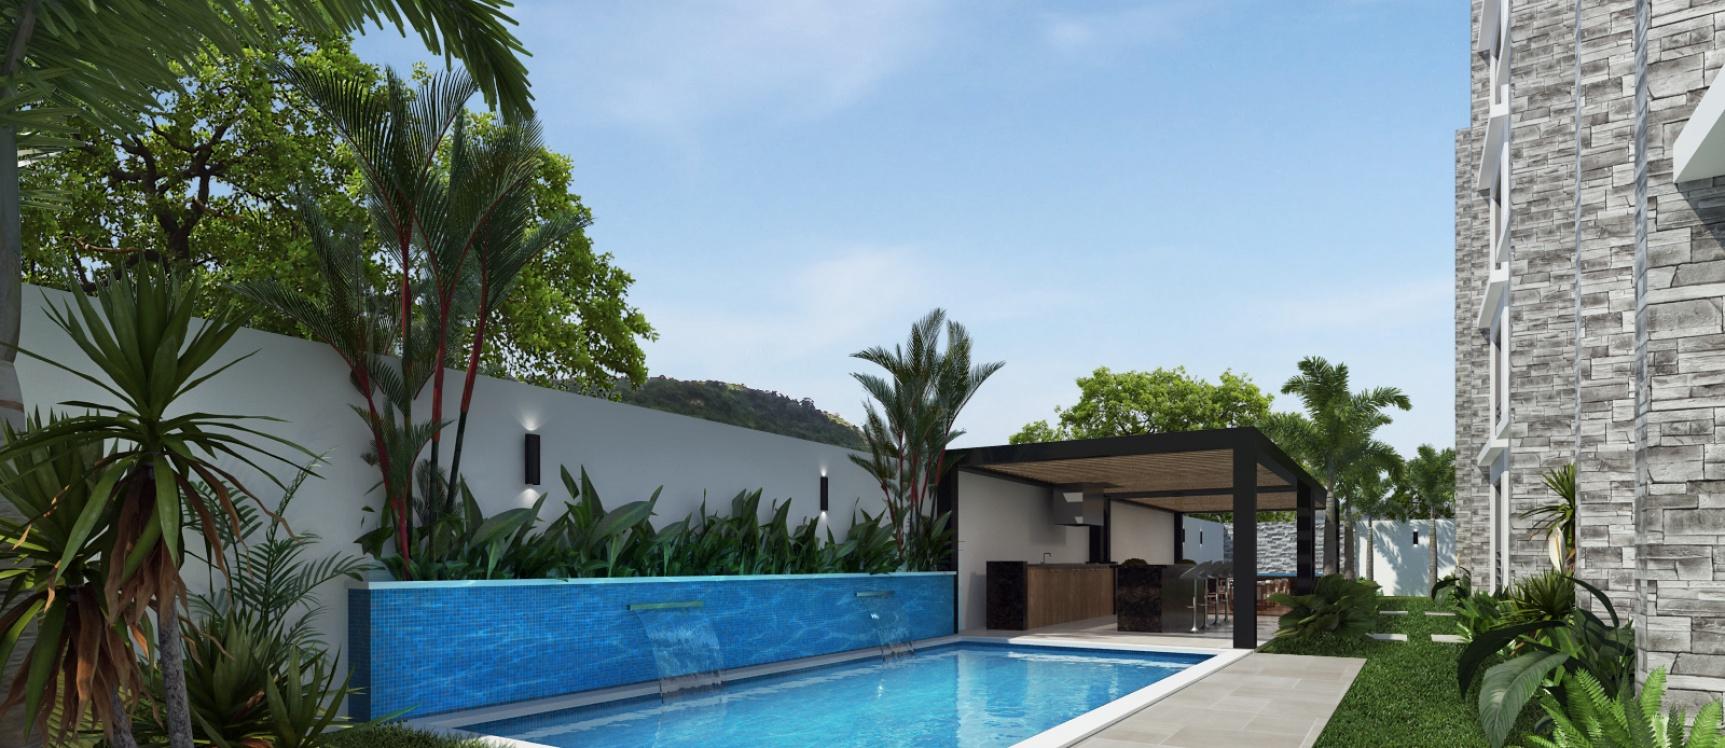 GeoBienes - Departamento Planta Baja en Condominio Victoria, Santa Cecilia  - Plusvalia Guayaquil Casas de venta y alquiler Inmobiliaria Ecuador